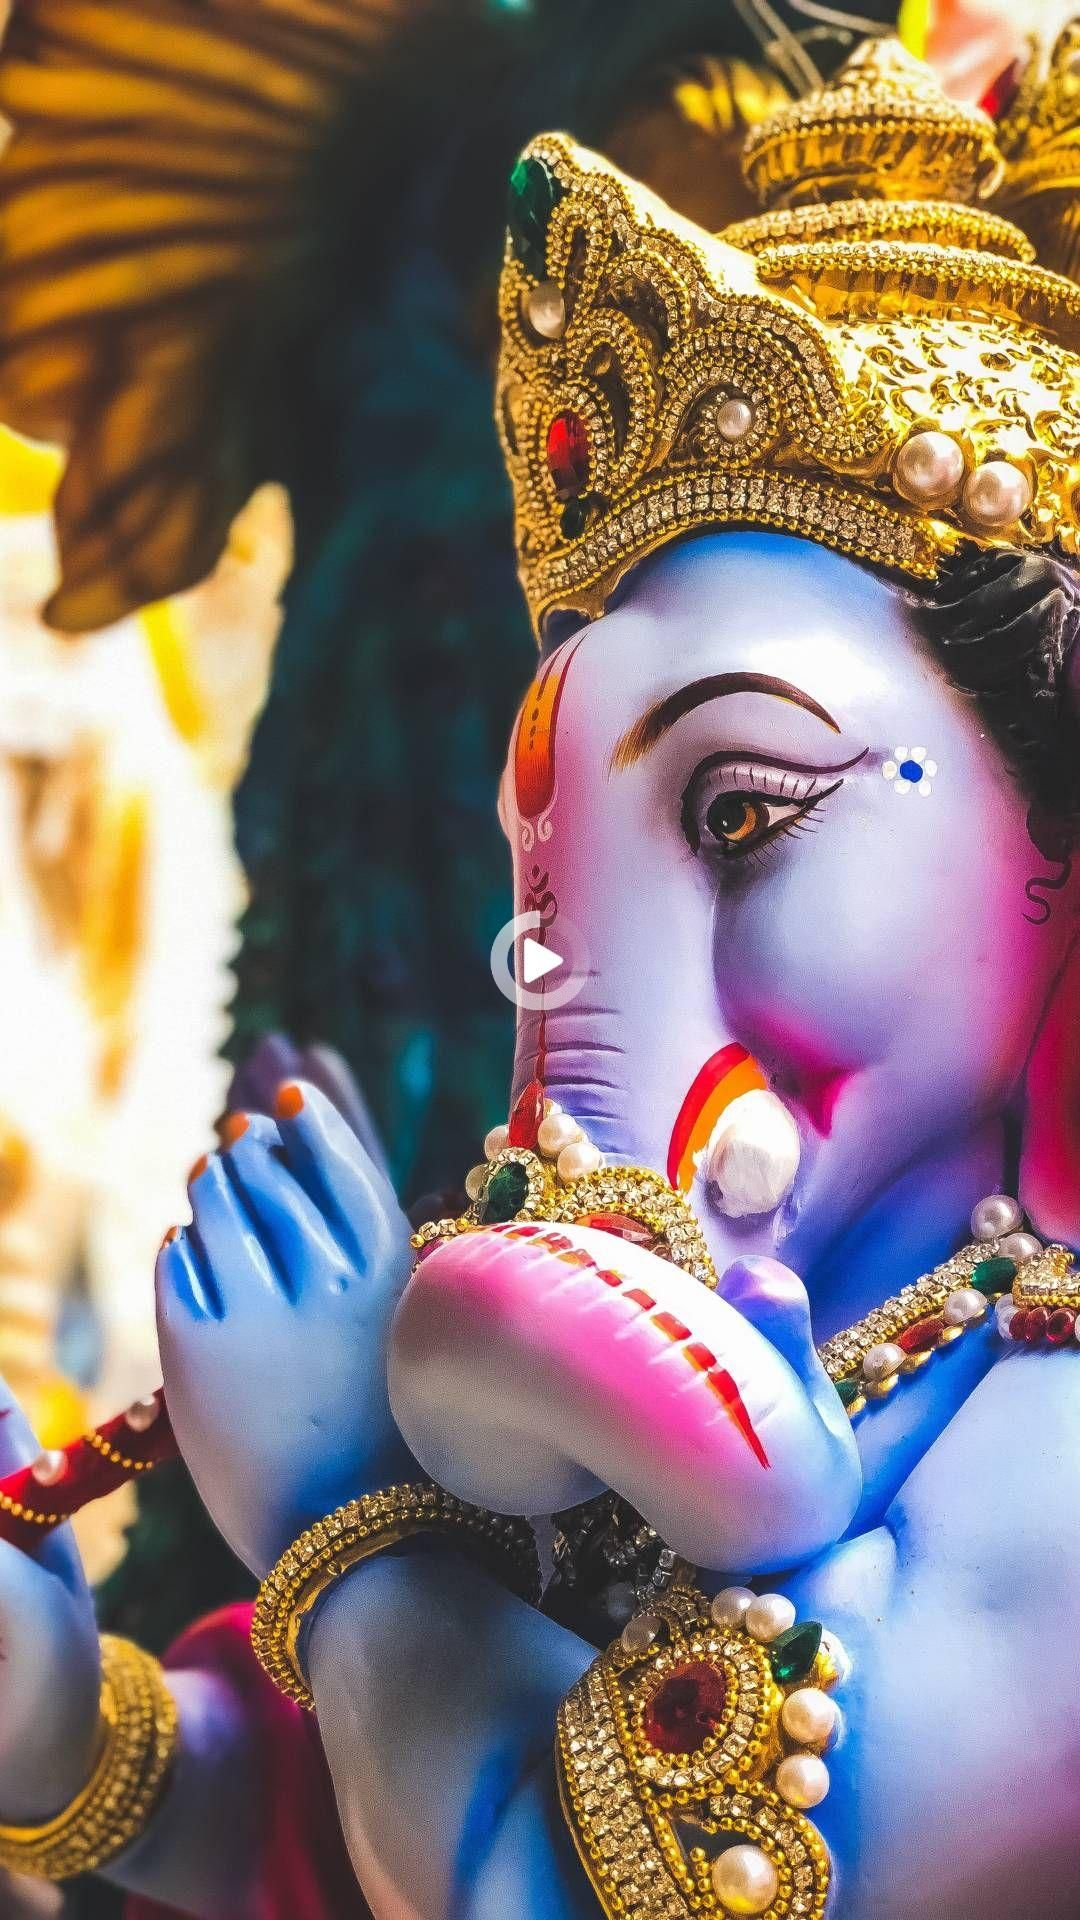 Tischdecken Tischlaufer Kaufen Connox Shop In 2021 Ganesh Wallpaper Happy Ganesh Chaturthi Images Ganesh Chaturthi Images